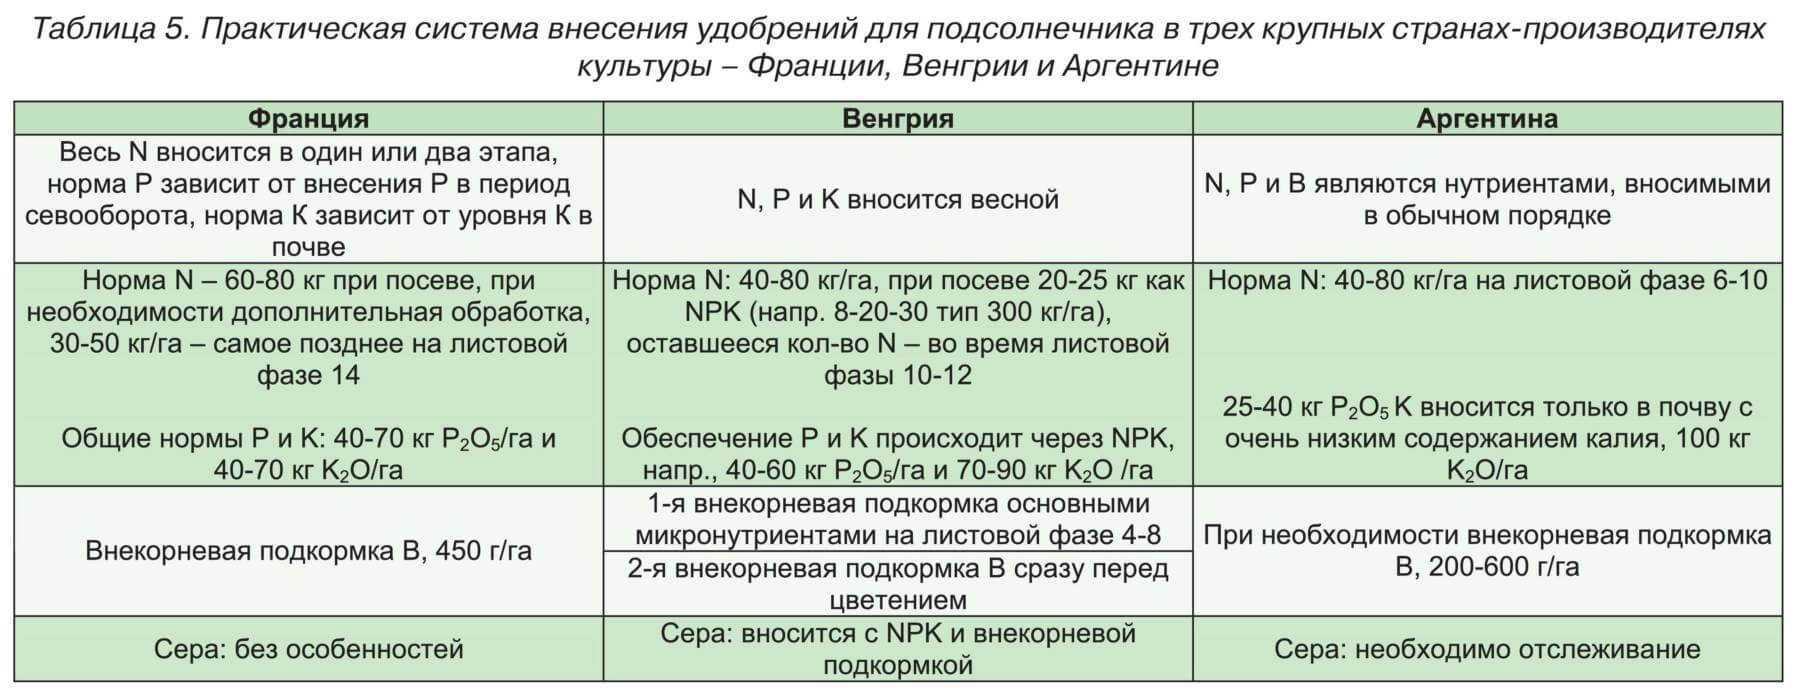 Практическая система внесения удобрений для подсолнечника